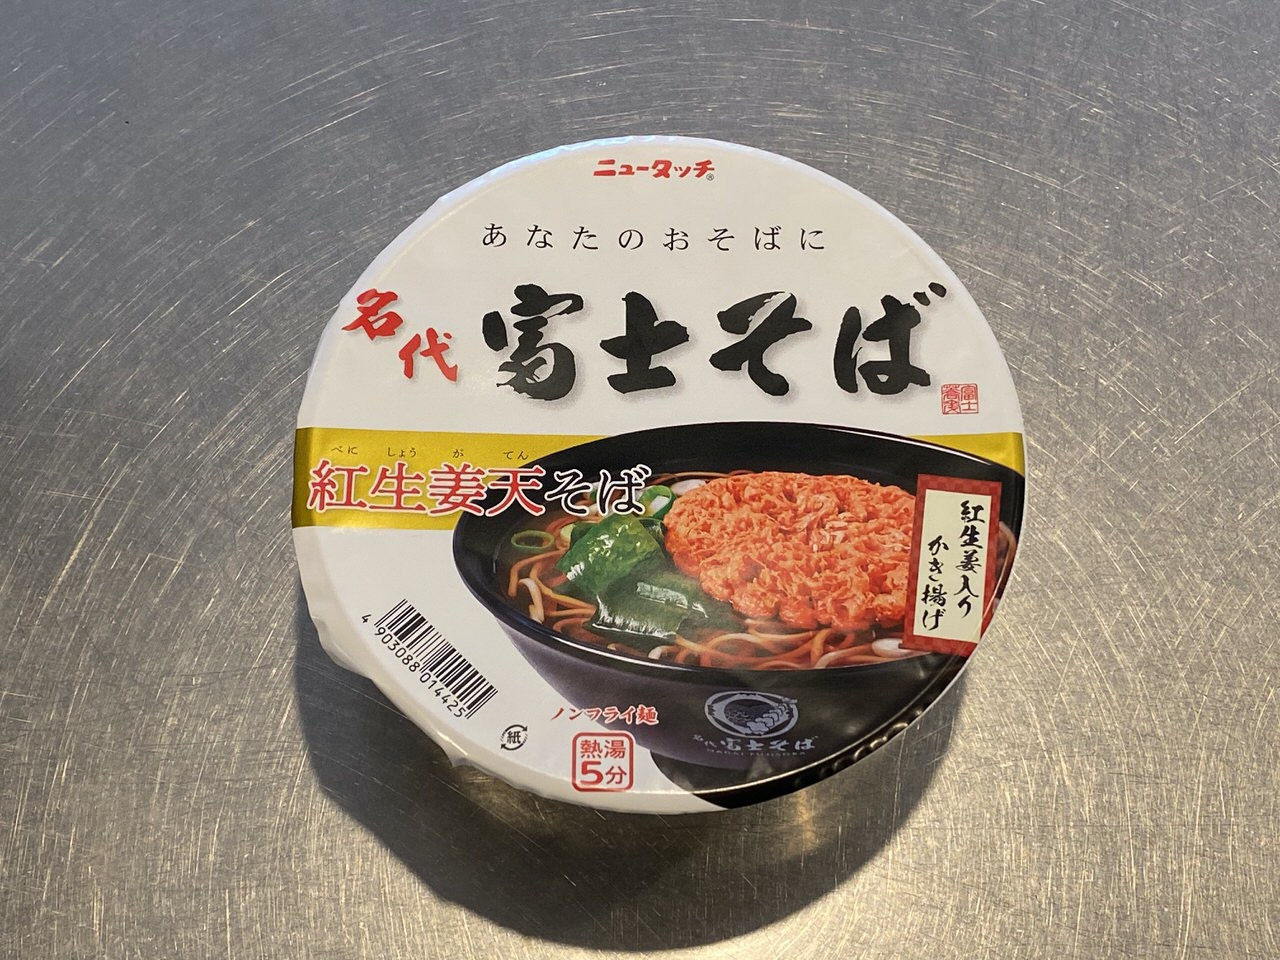 ニュータッチのカップ麺「名代 富士そば 紅生姜天そば」が本当に家で食べられる富士そばであった